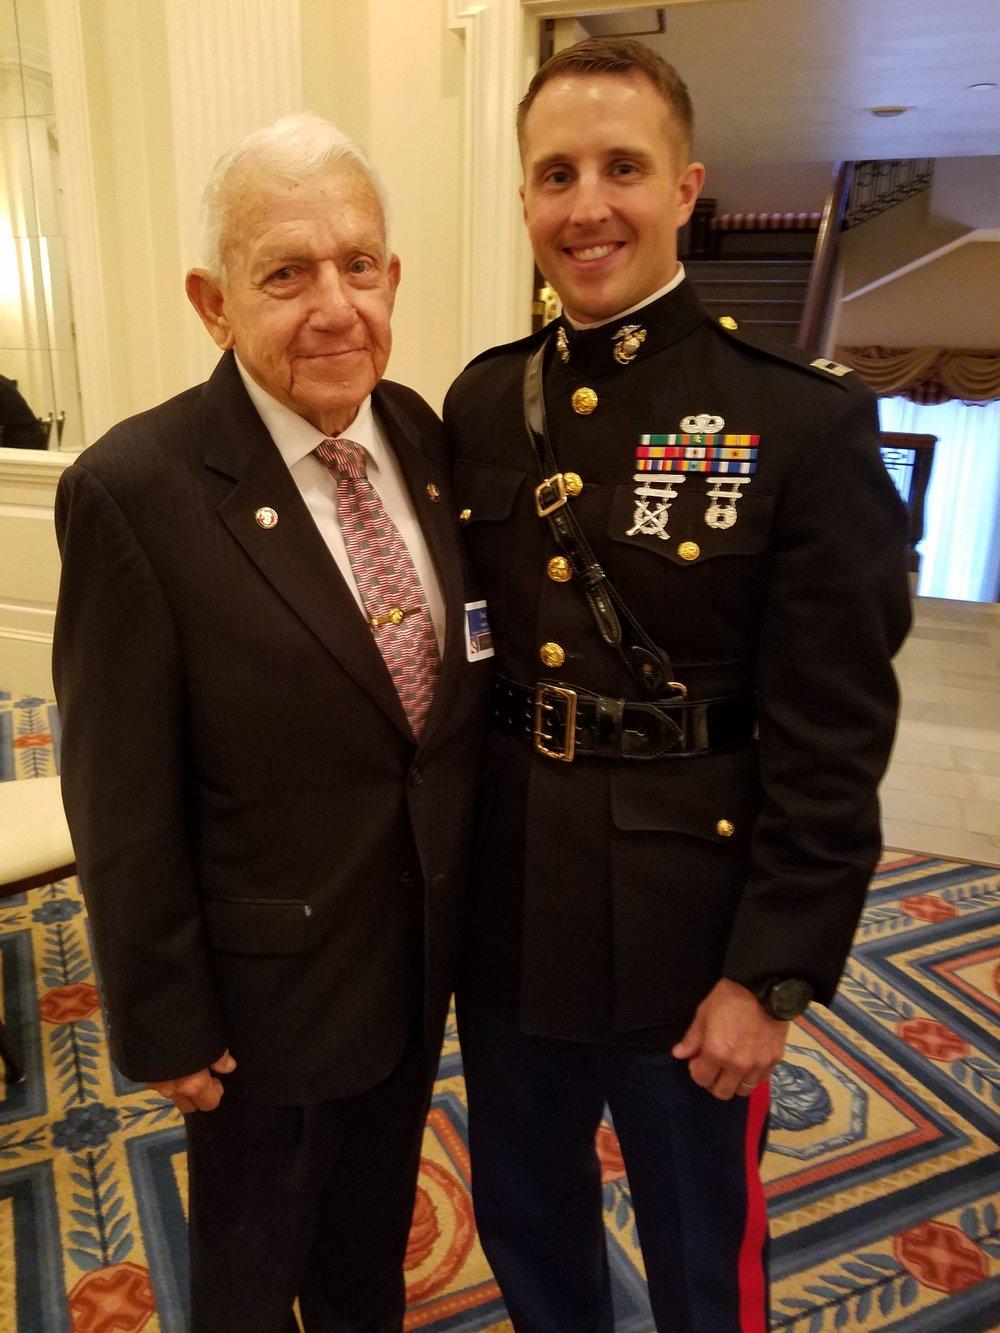 USMC Birthday 2018 - 2018-11-09 19.20.11 (Betsy S.).jpg